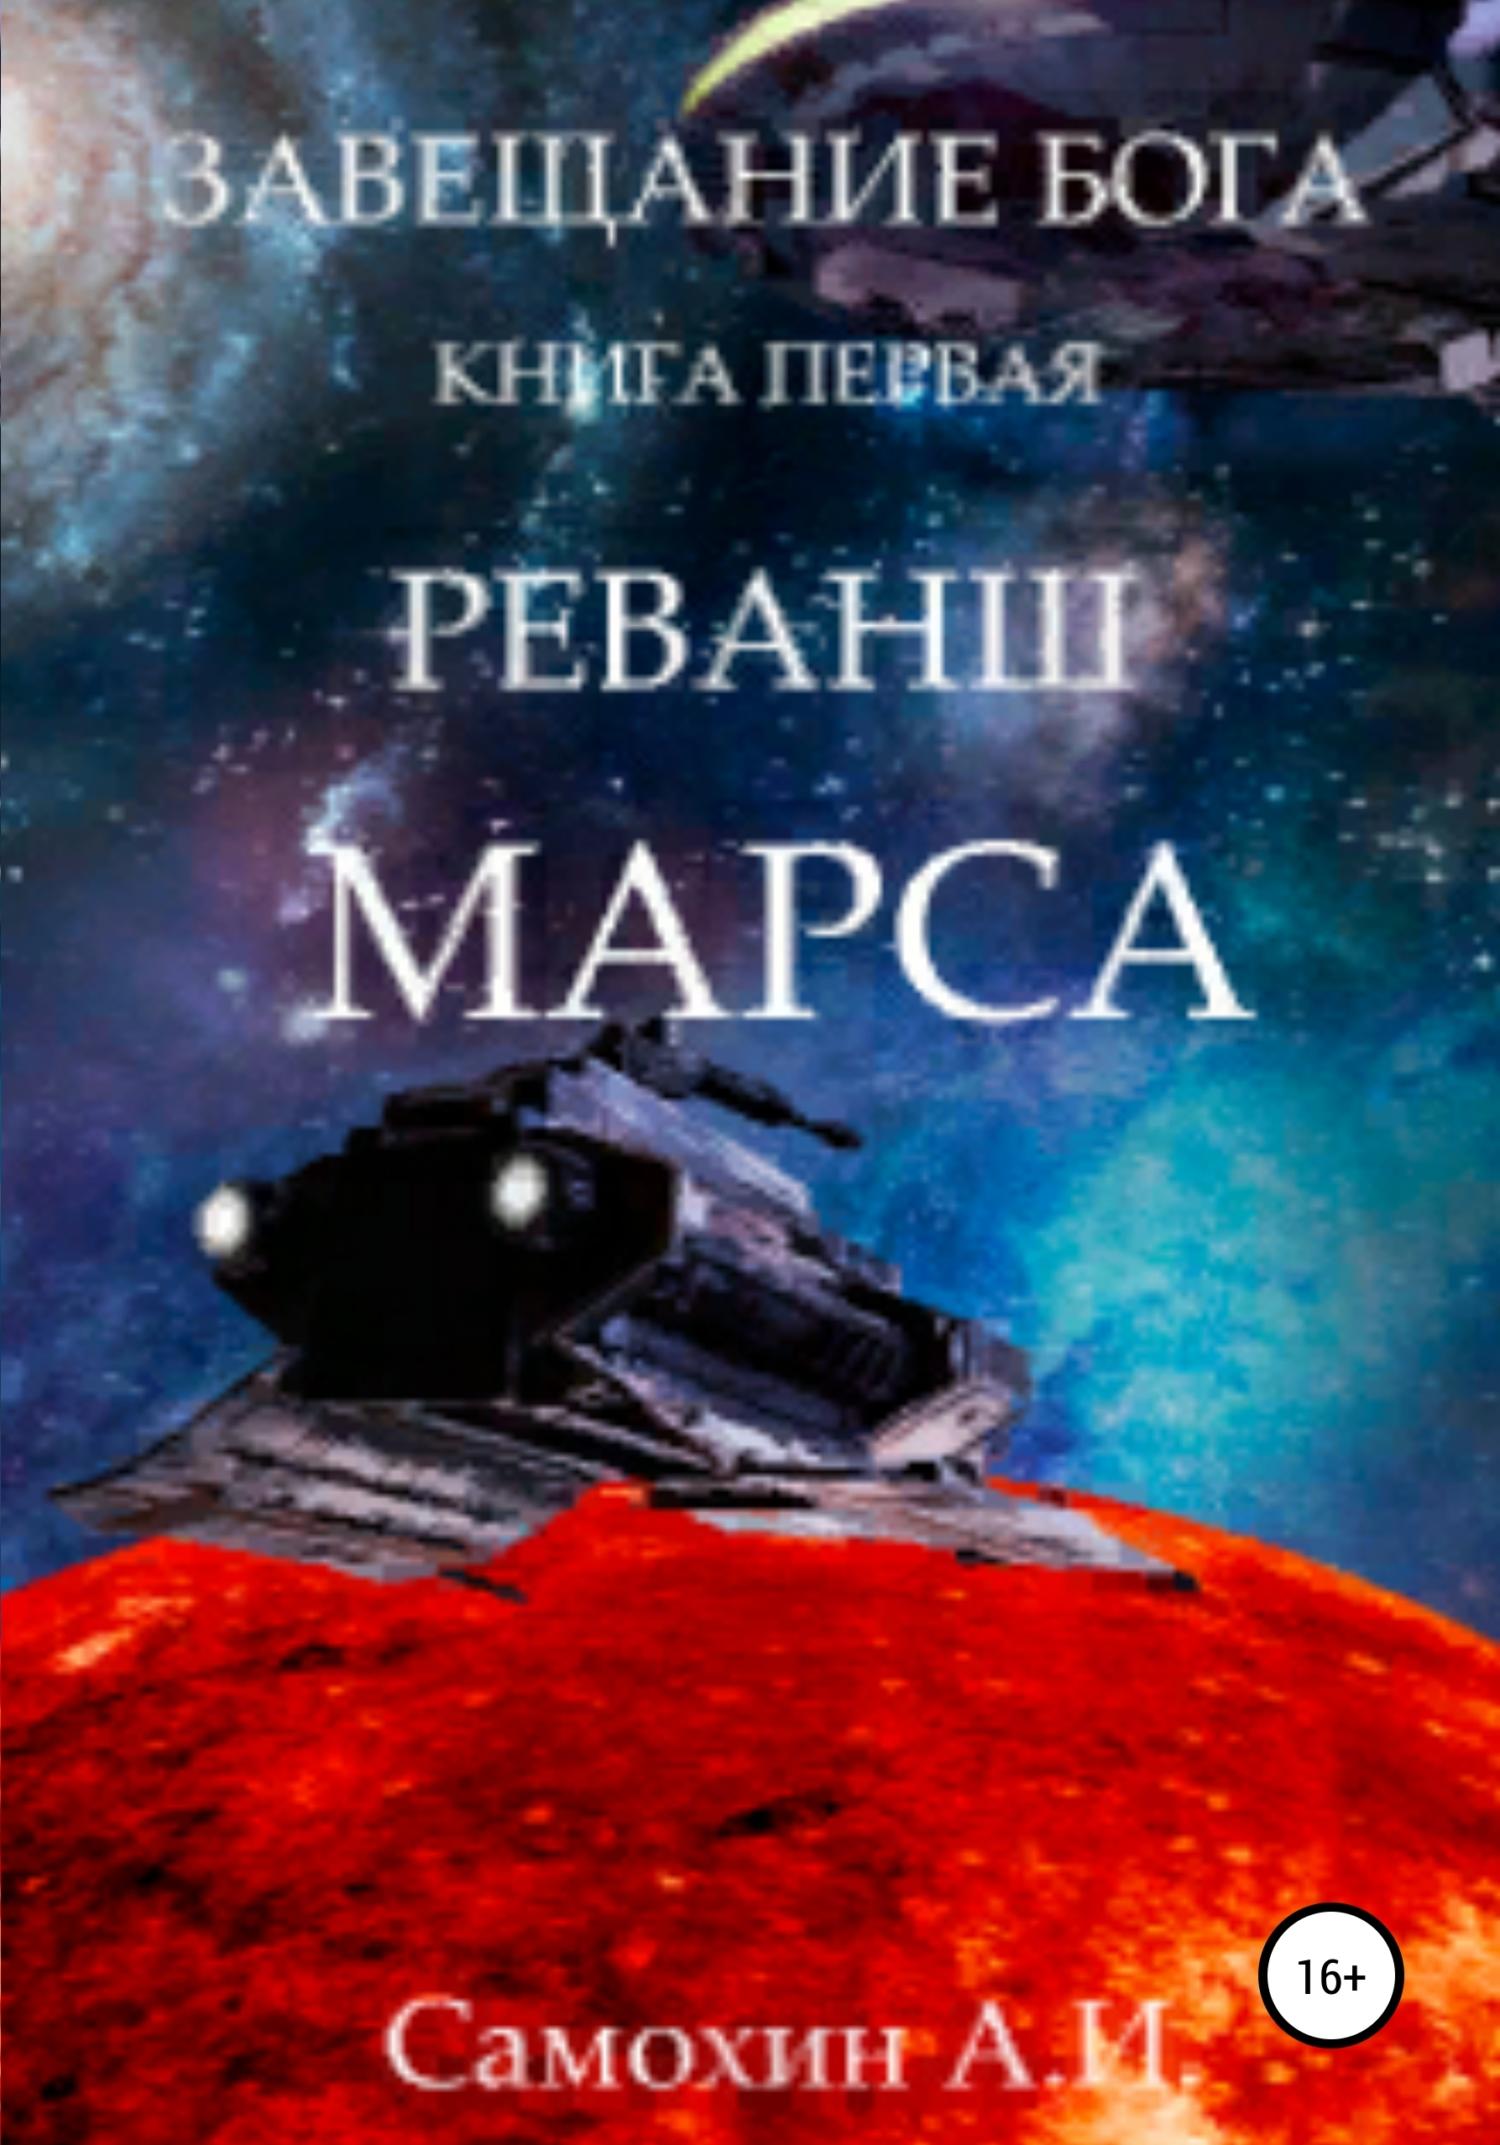 Завещание бога. Книга I. Реванш Марса